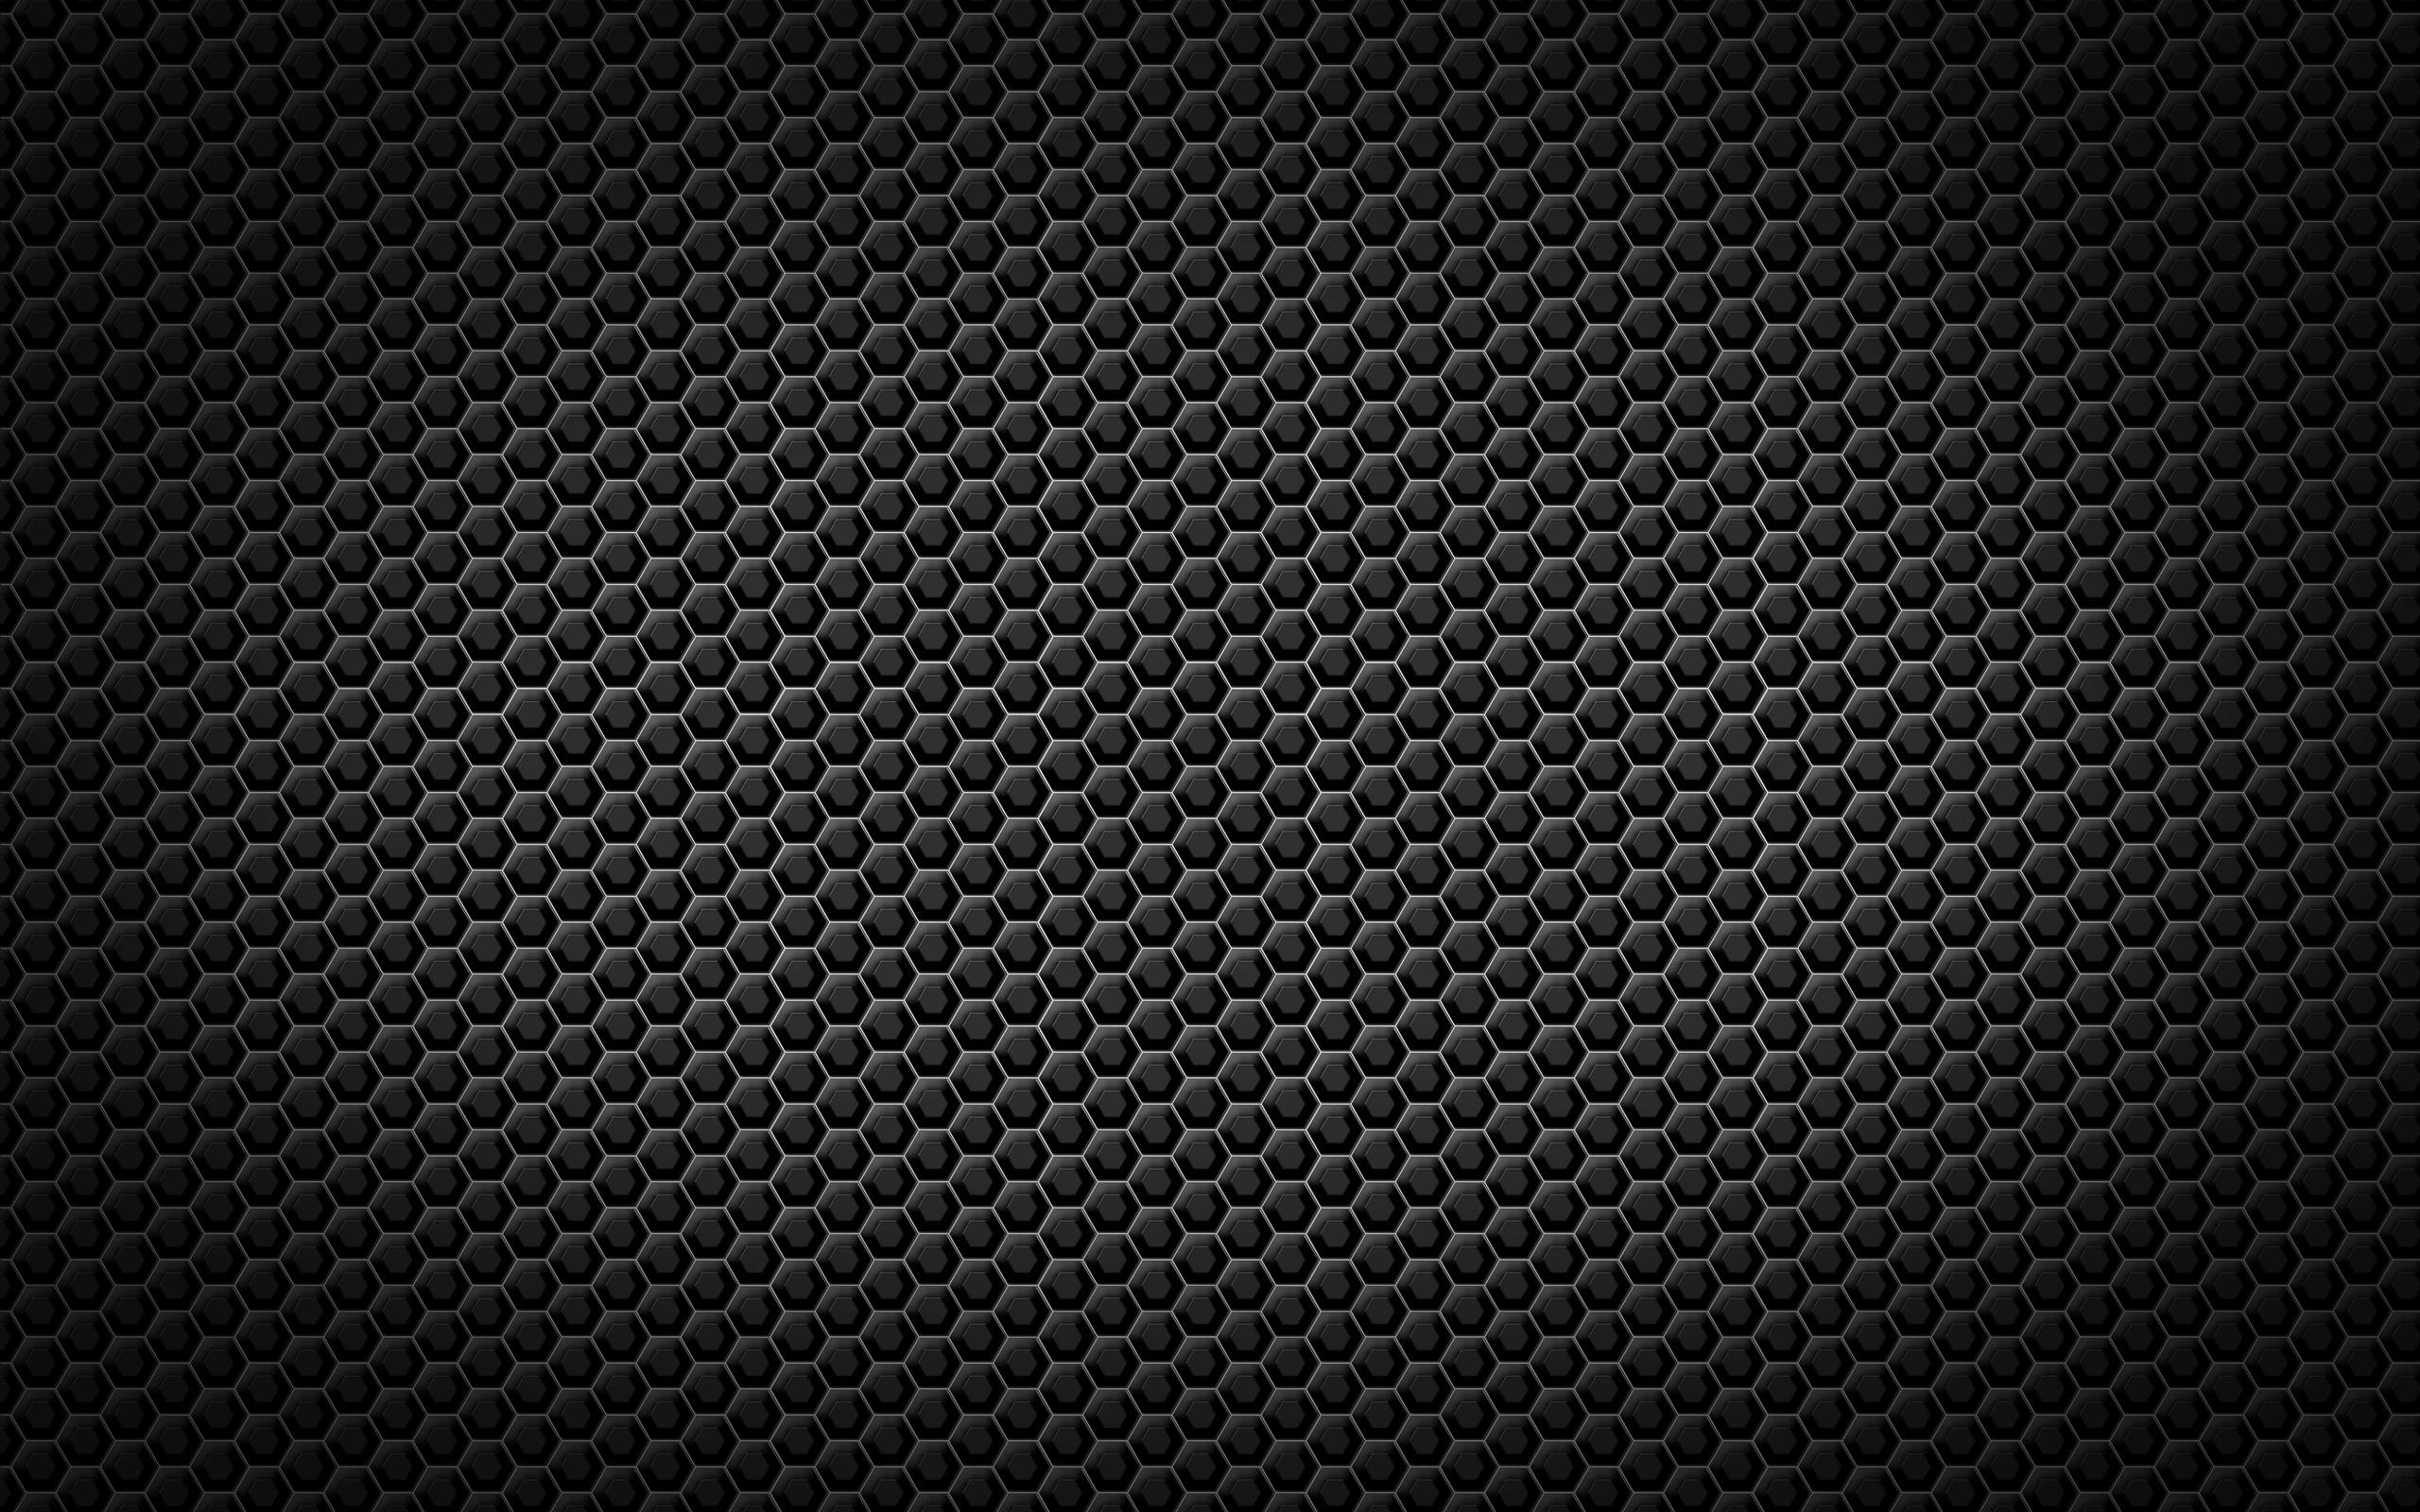 Black Pattern Backgrounds 2560x1600